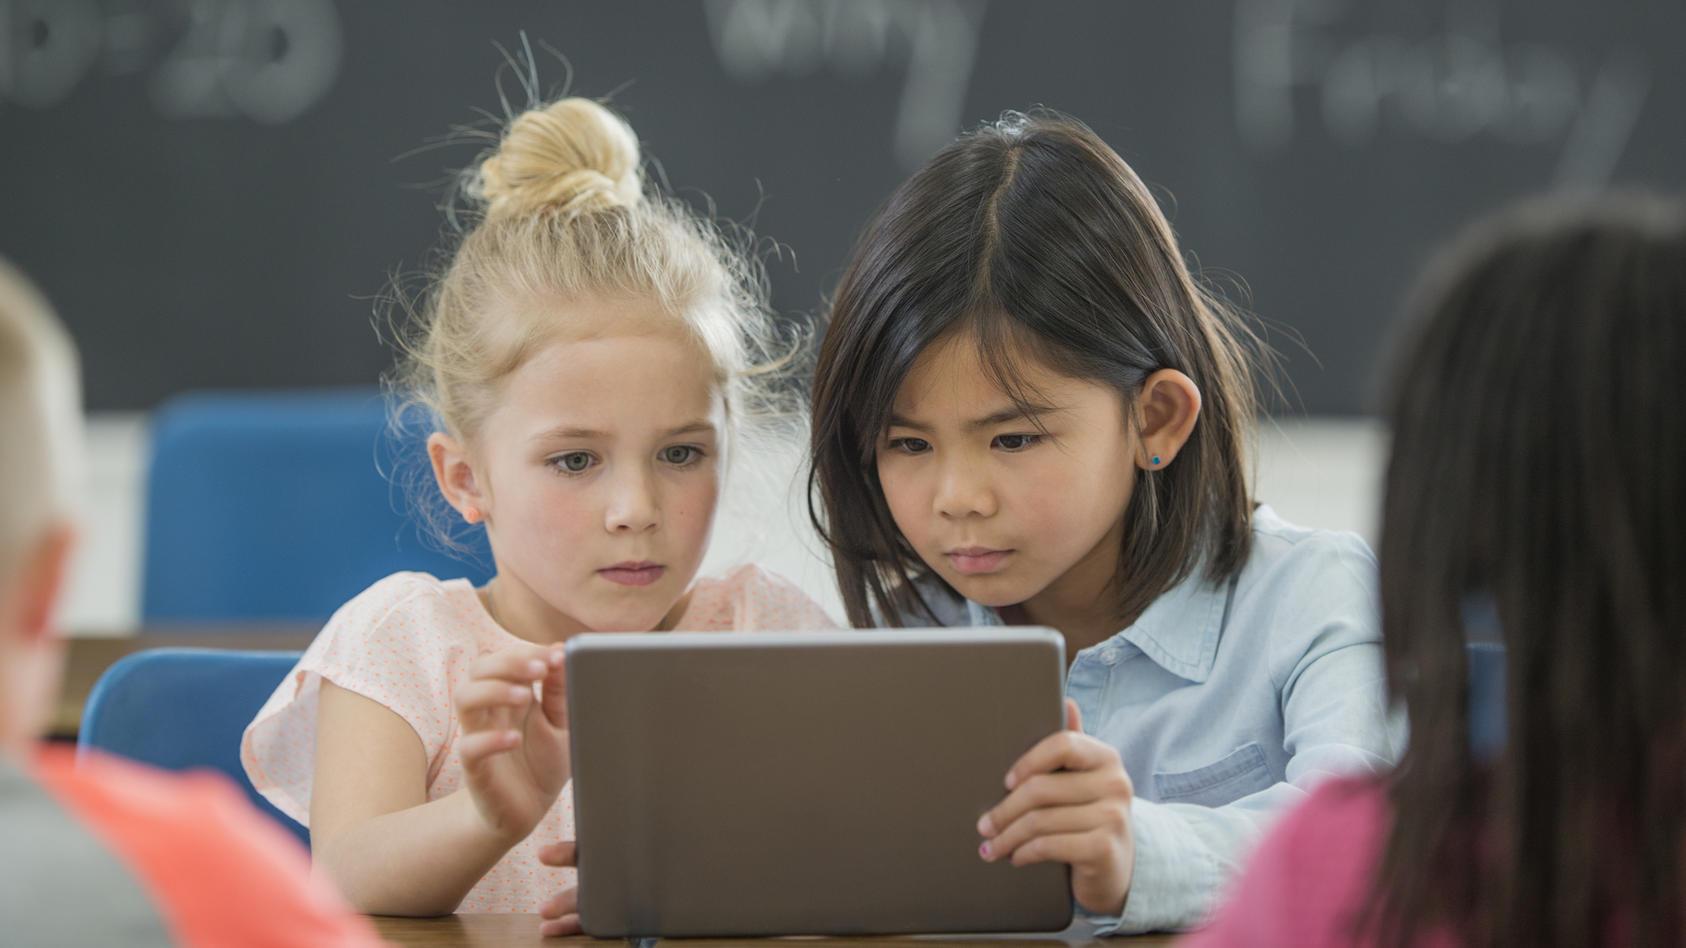 Schüler lernen am Computer (Symbolbild)